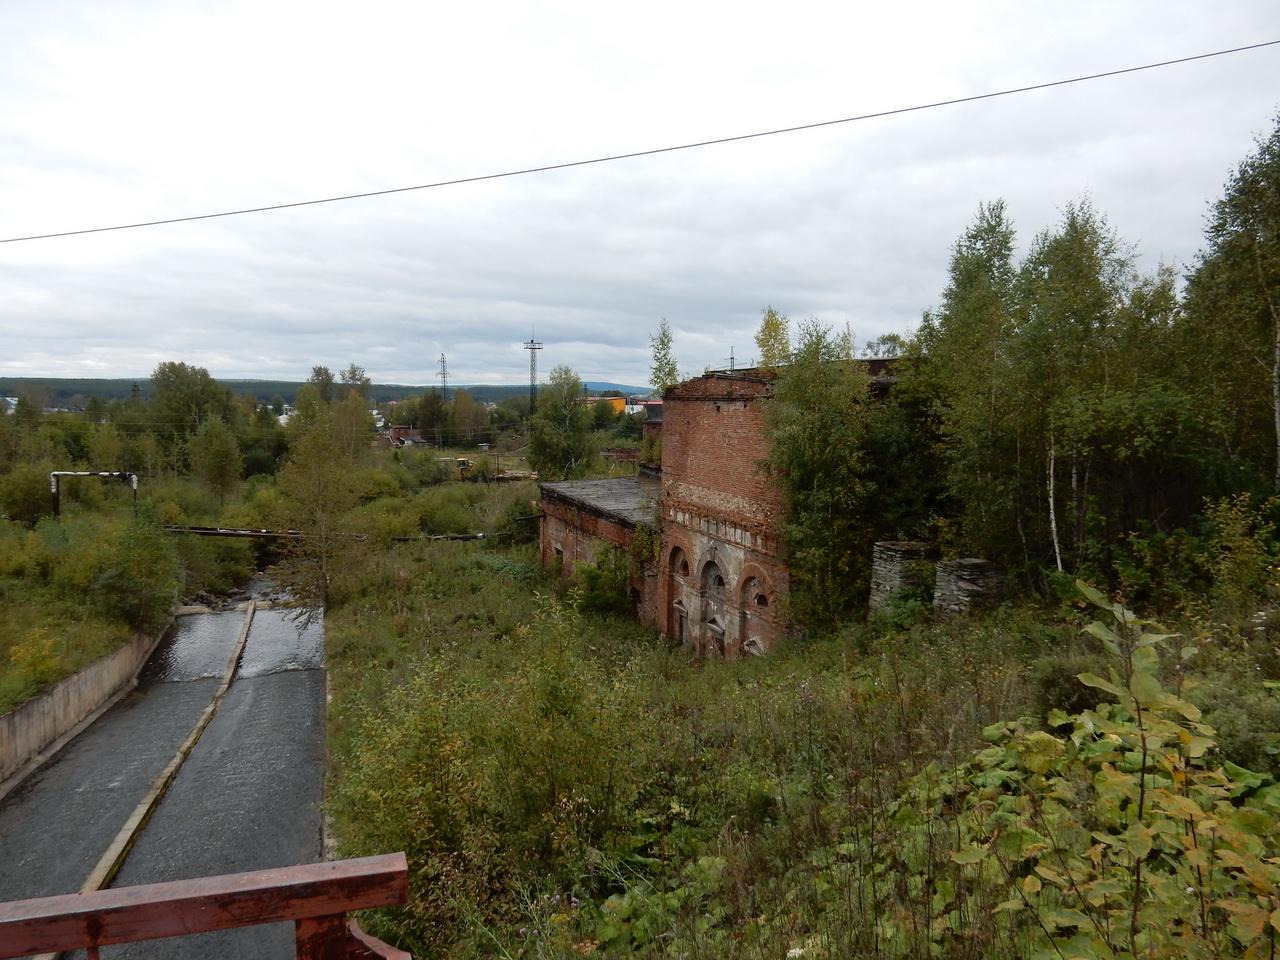 Плотина и завод, Билимбай, Свердловская область